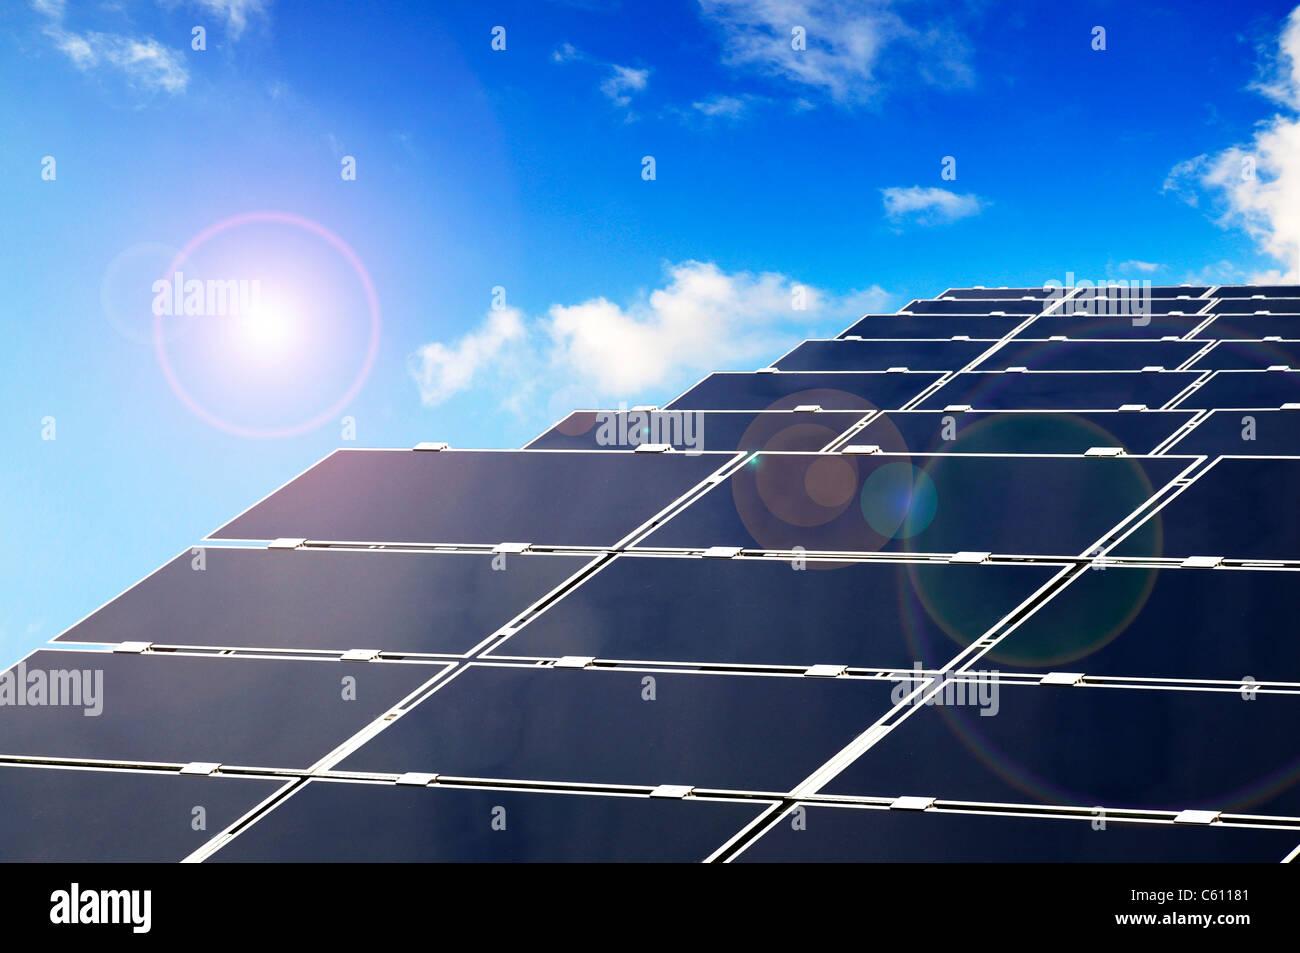 Parc con paneles solares producen energía fotovoltaica. Imagen De Stock